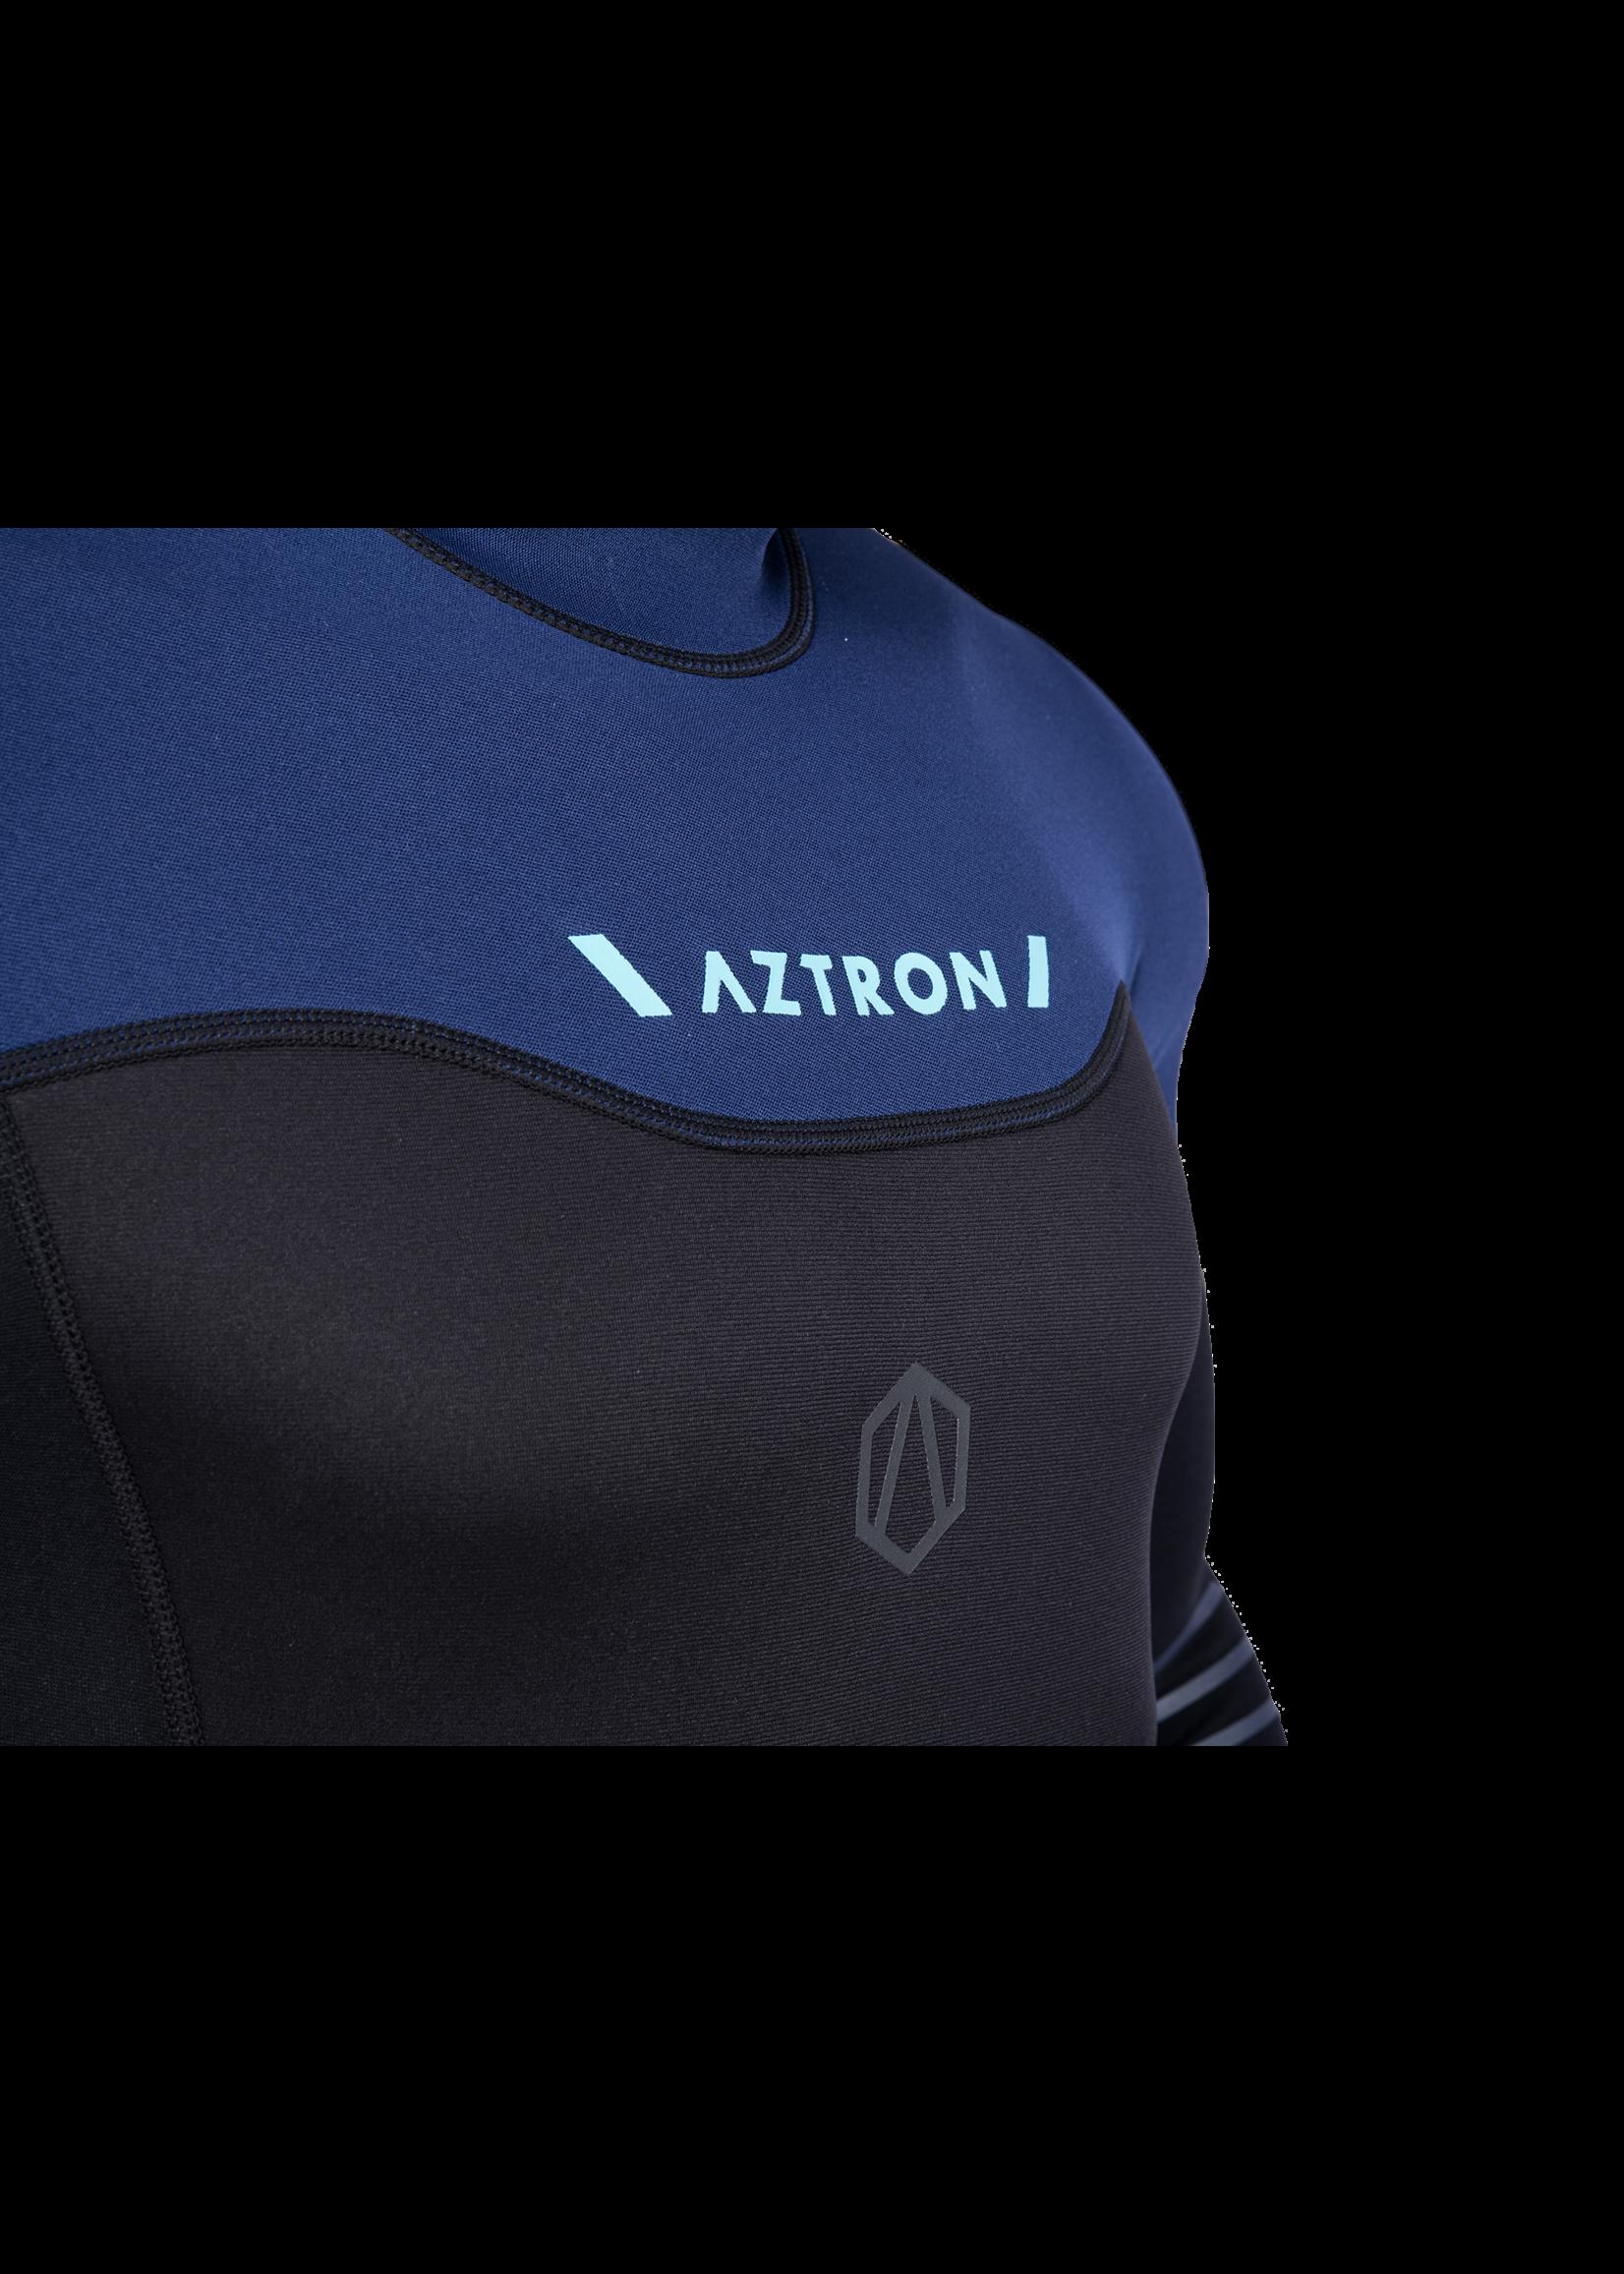 Aztron KEPLER FULLSUIT 3/2mm